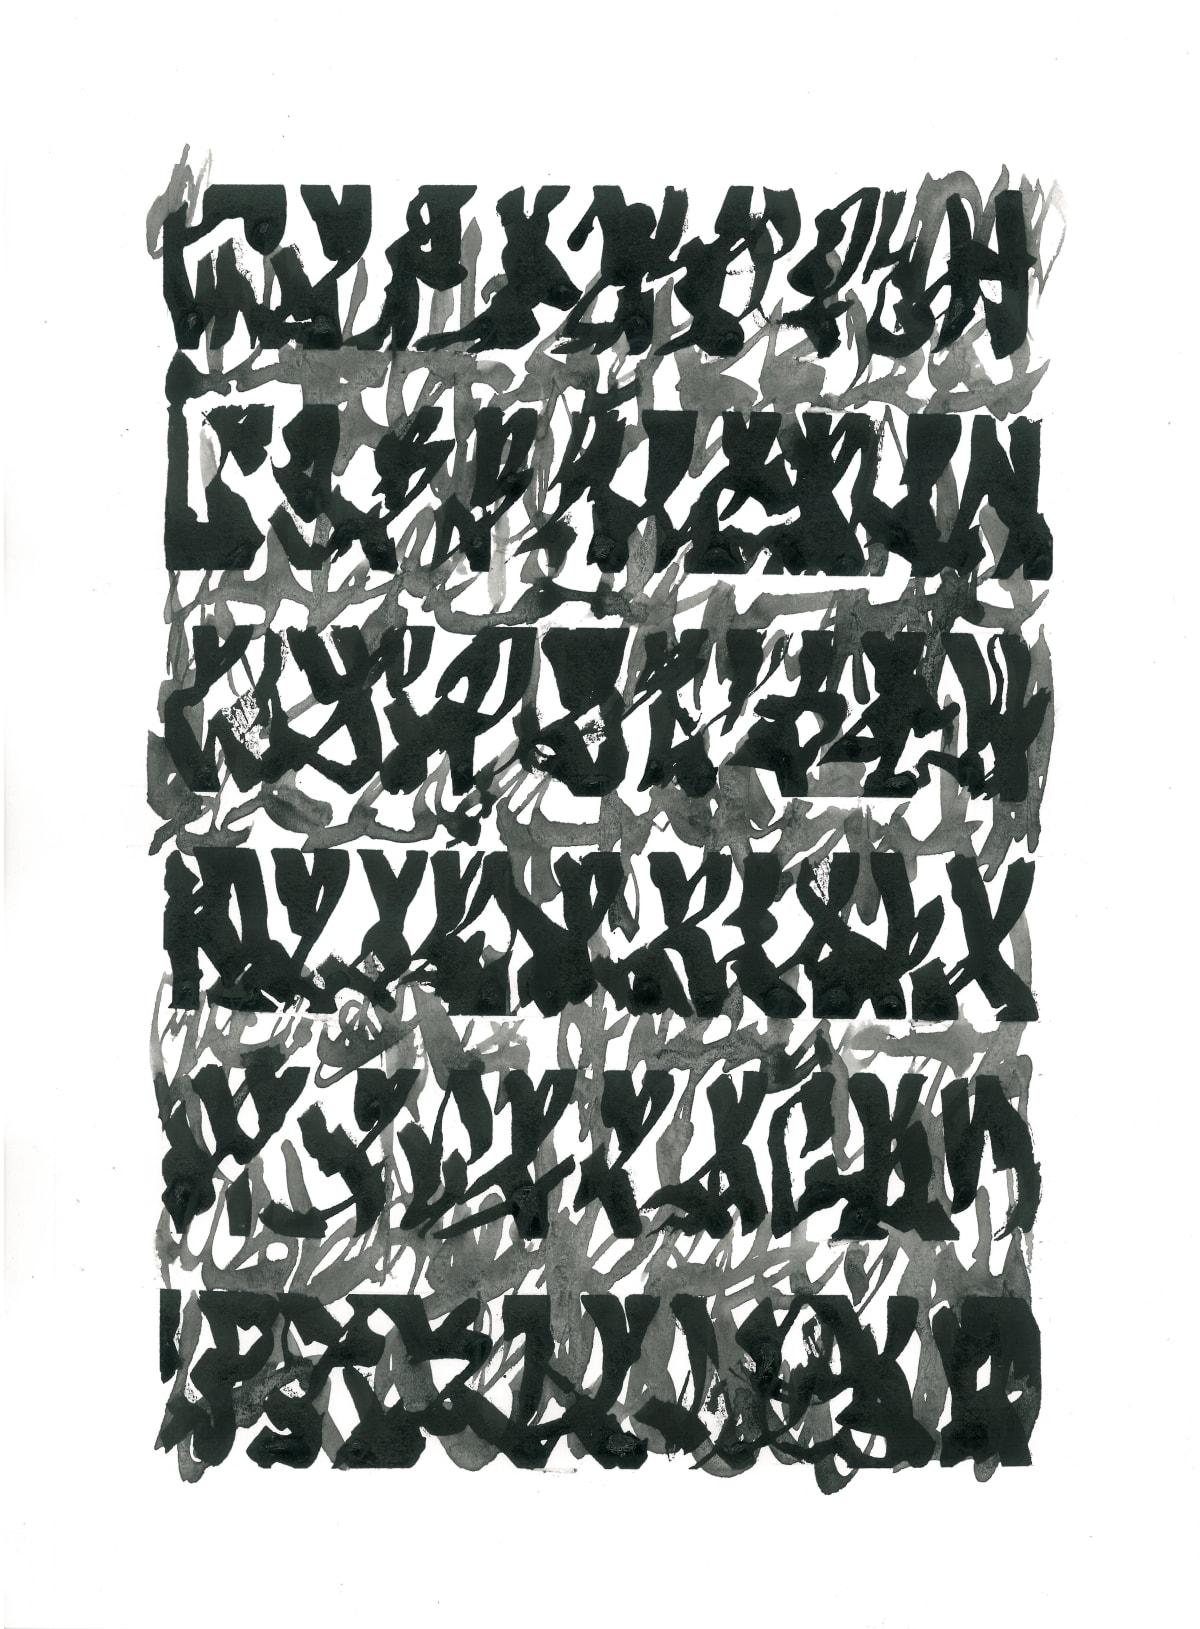 Mohammad Ali Talpur Untitled (Alif Series, 5), 2020 Ink on paper 37.5 x 27.5 cm 14 3/4 x 10 7/8 in